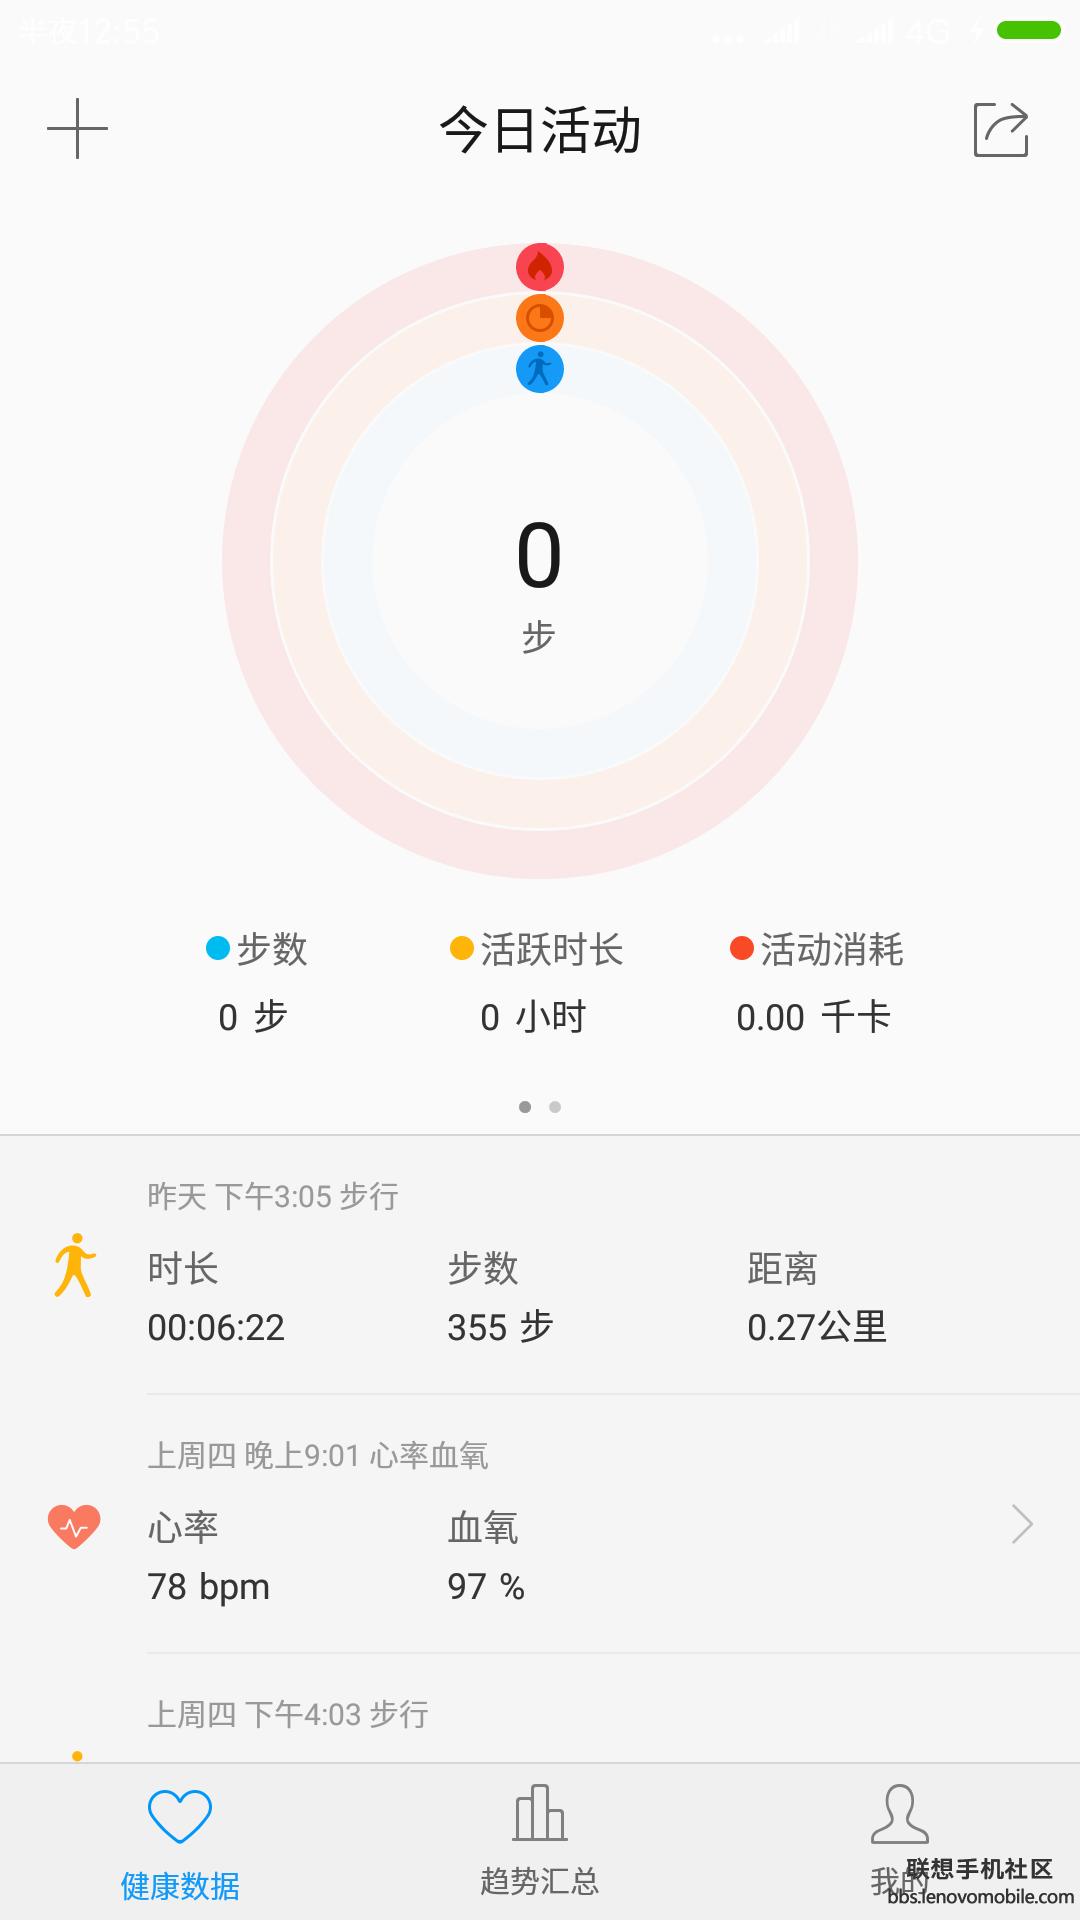 Screenshot_2017-02-21-00-55-43-292_com.zui.zhealthy.png